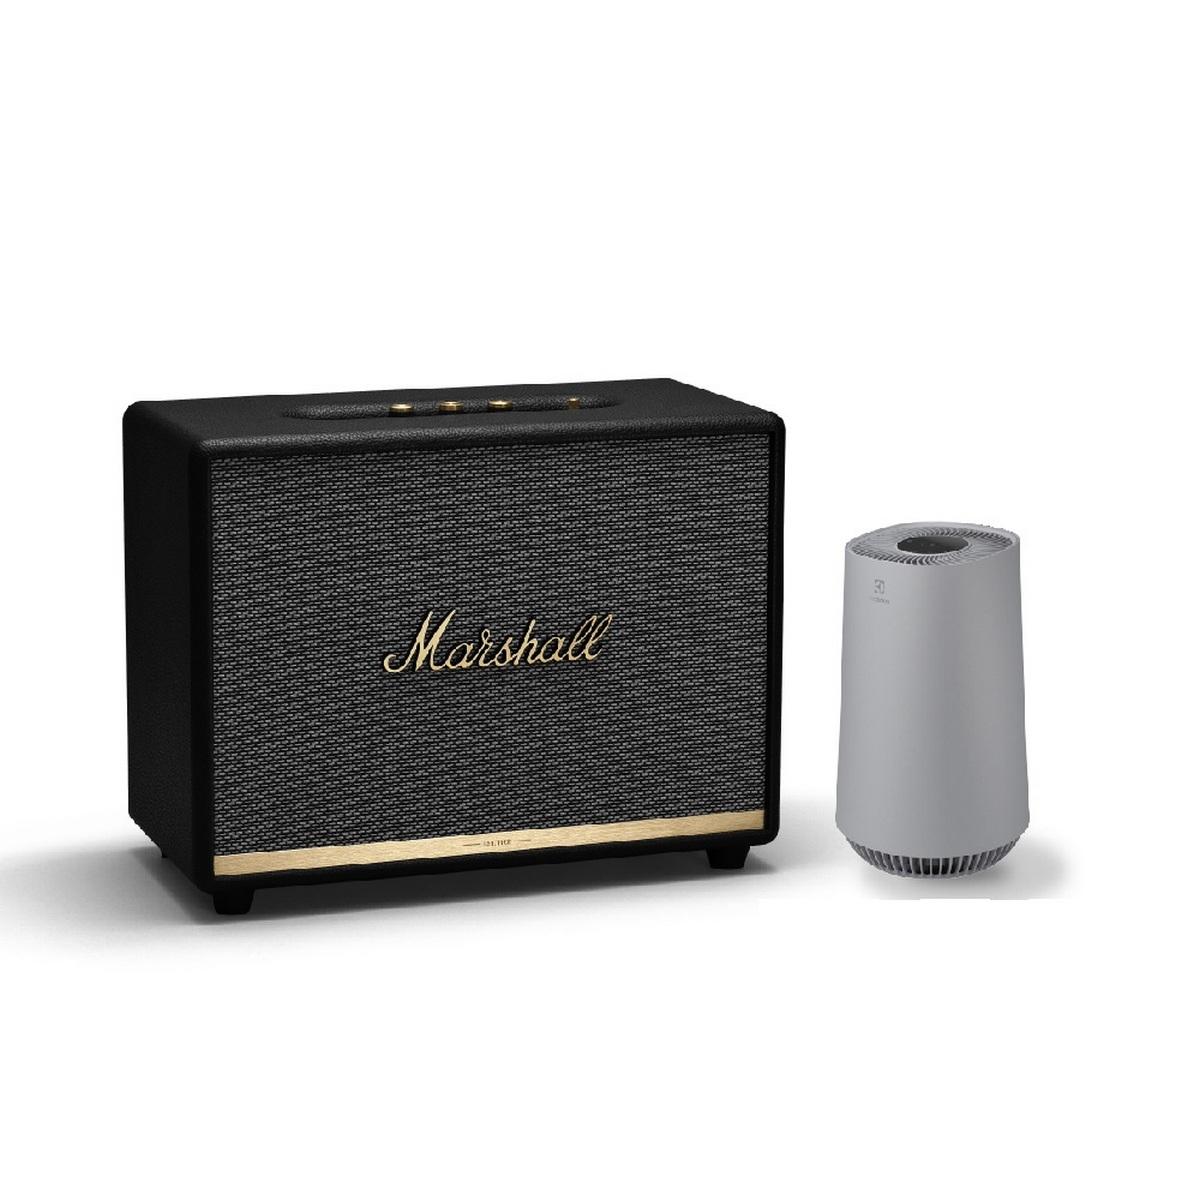 ลำโพงไร้สาย (สีดำ) รุ่น Woburn II Bluetooth